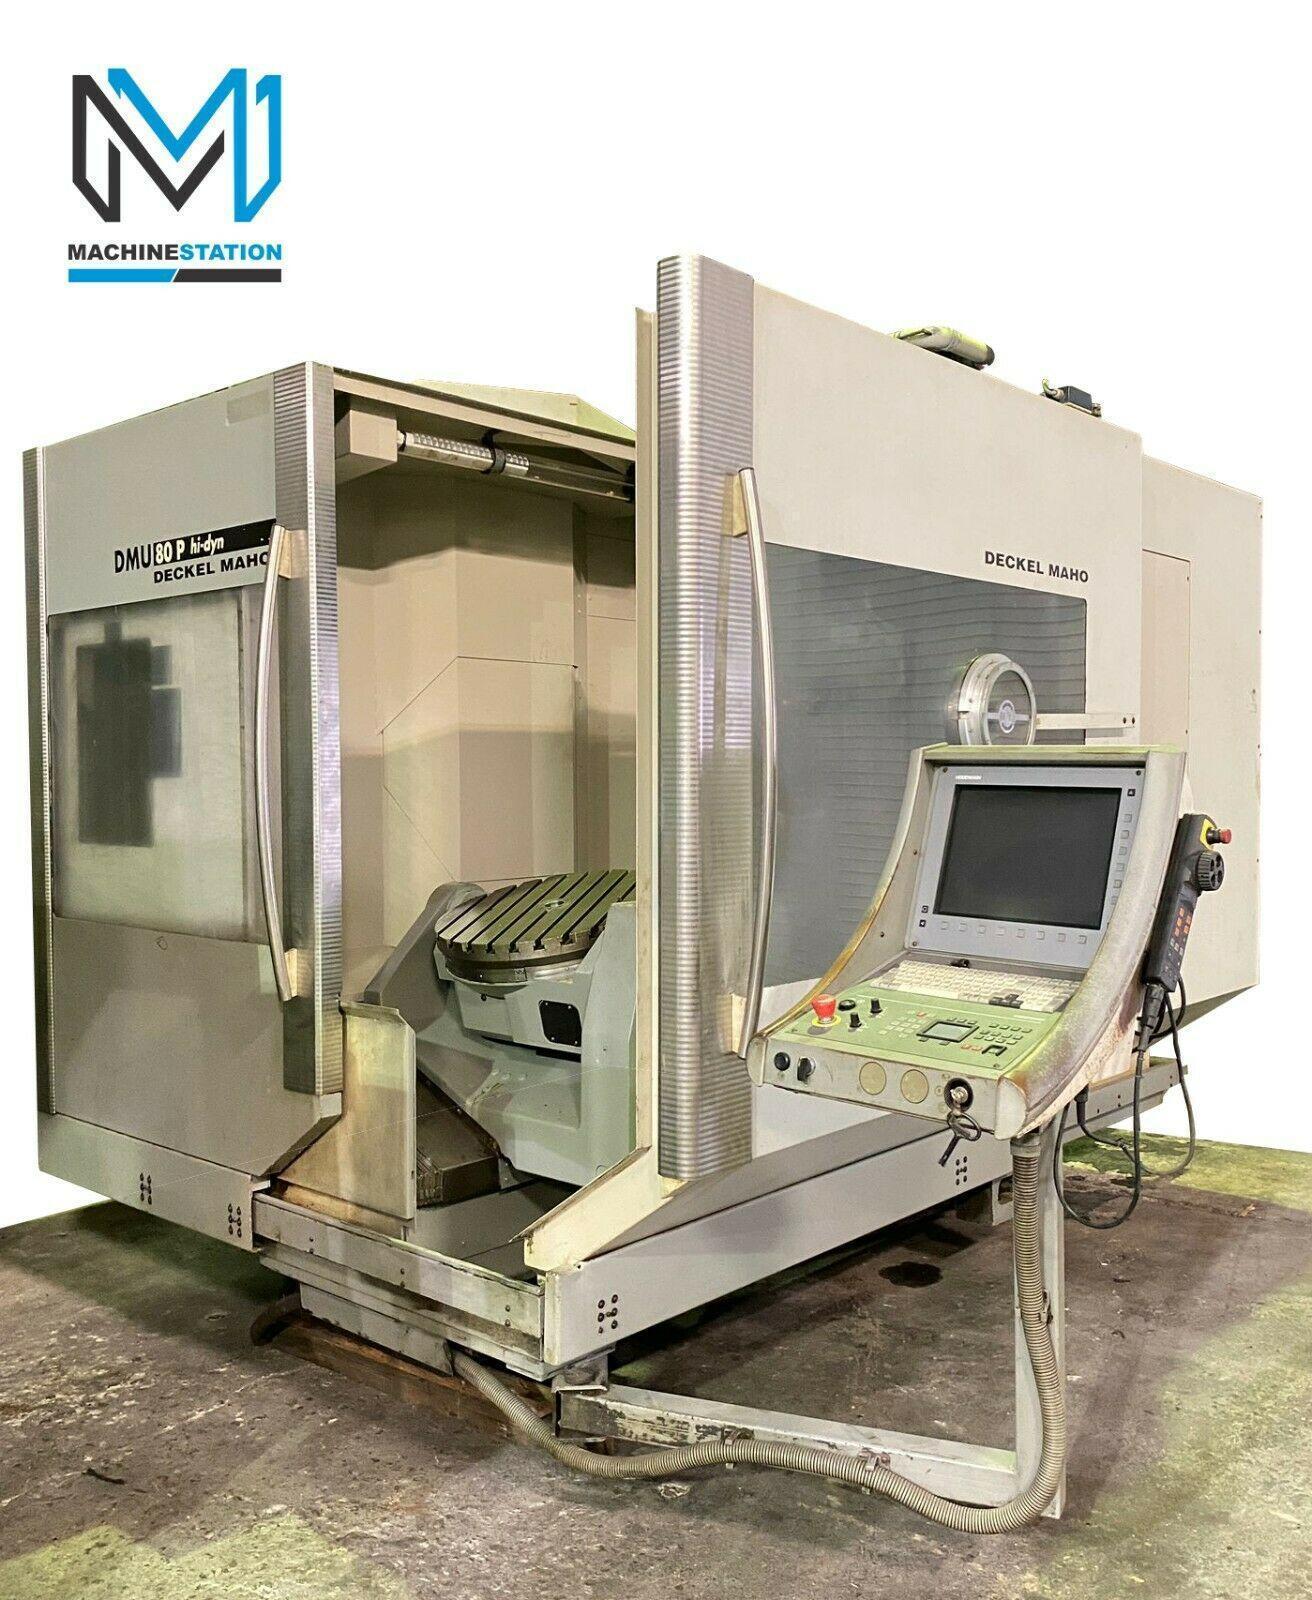 DECKEL MAHO DMG DMU-80P 5 AXIS VERTICAL MACHINING CENTER